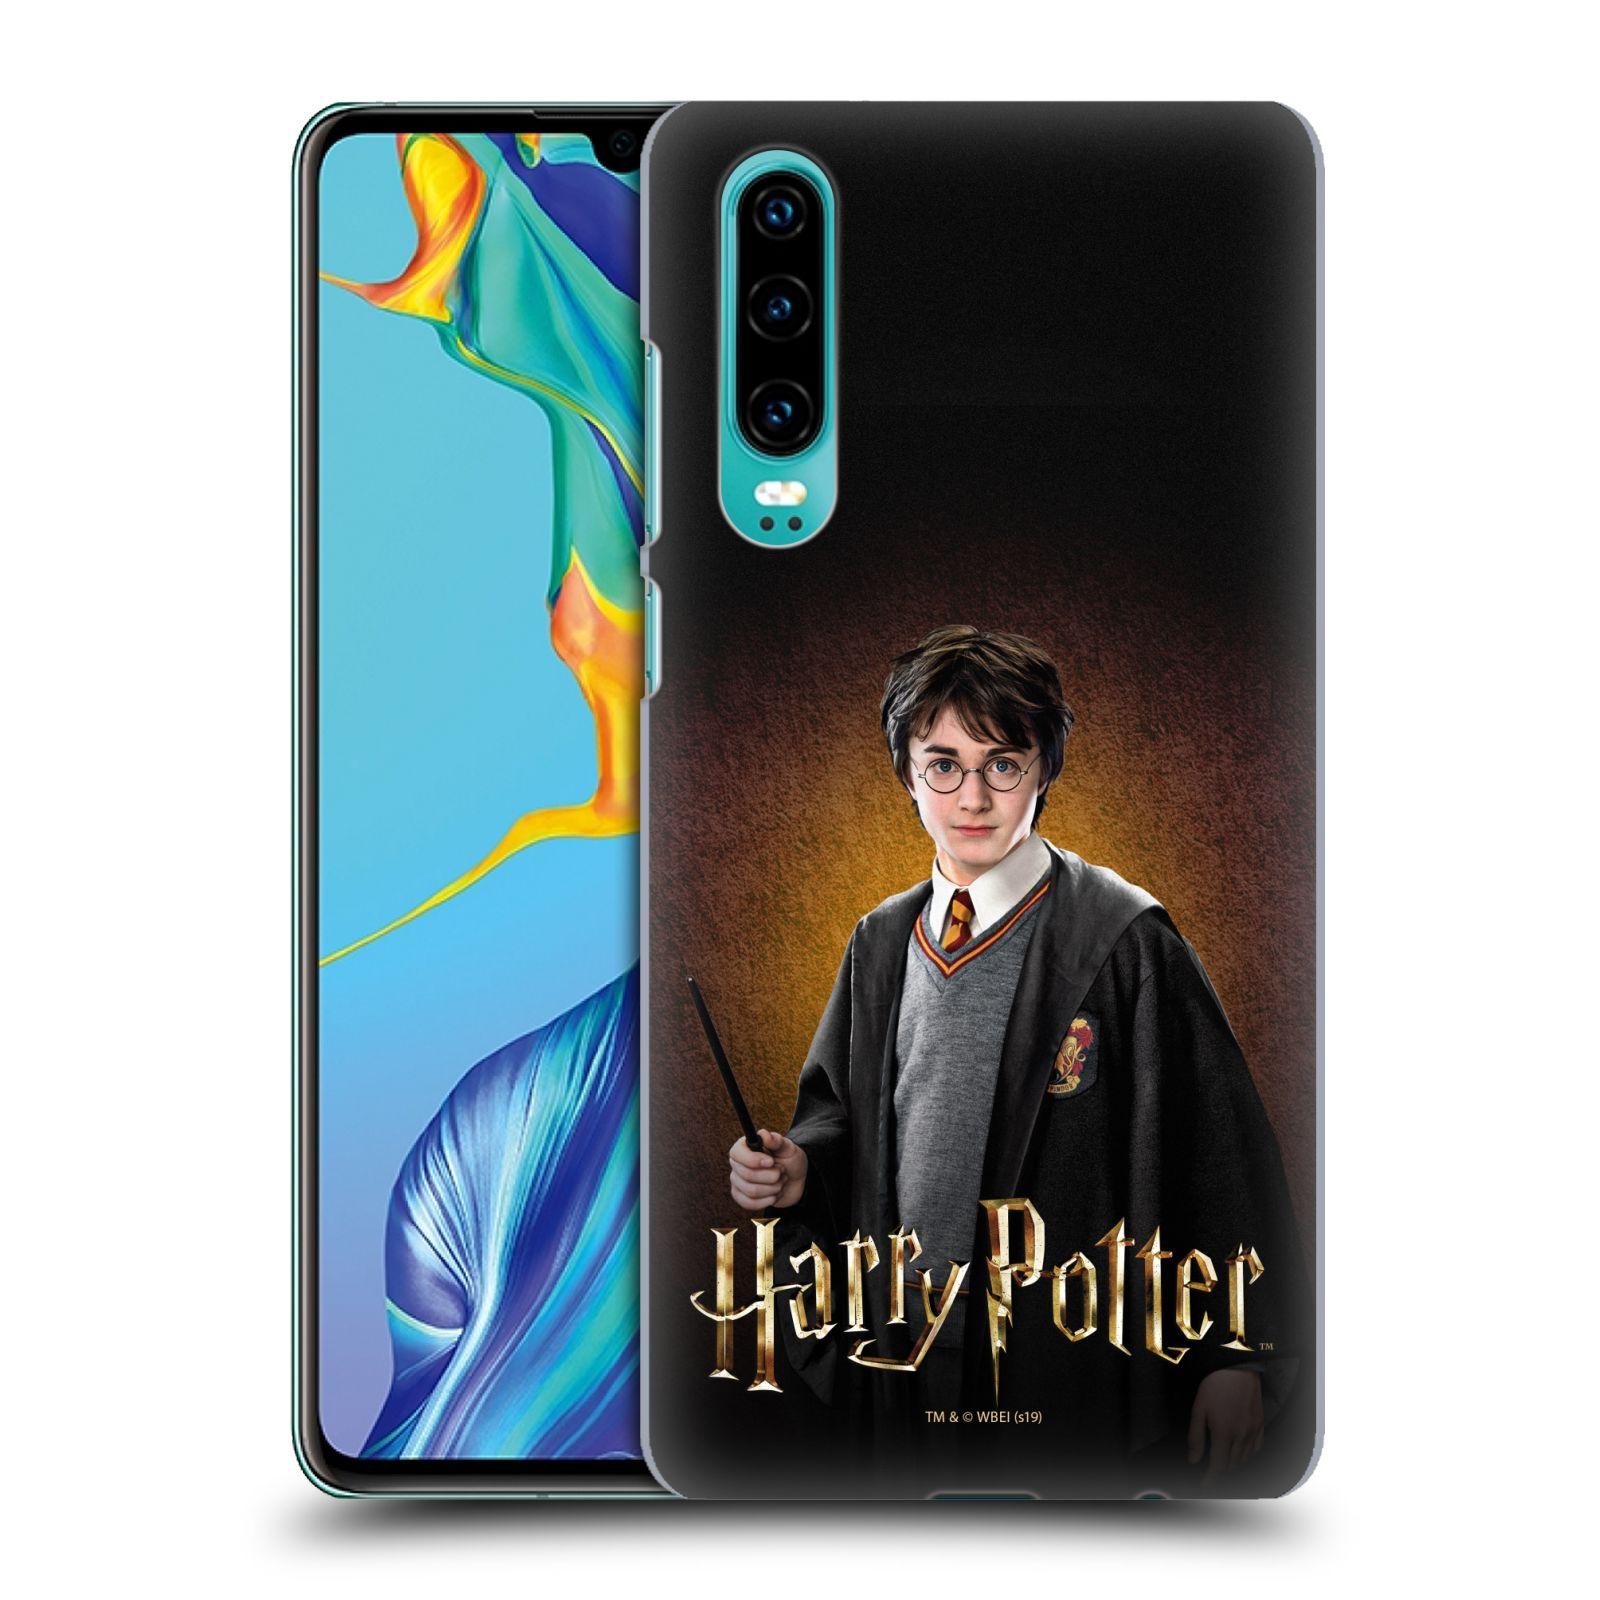 Plastové pouzdro na mobil Huawei P30 - Harry Potter - Malý Harry Potter